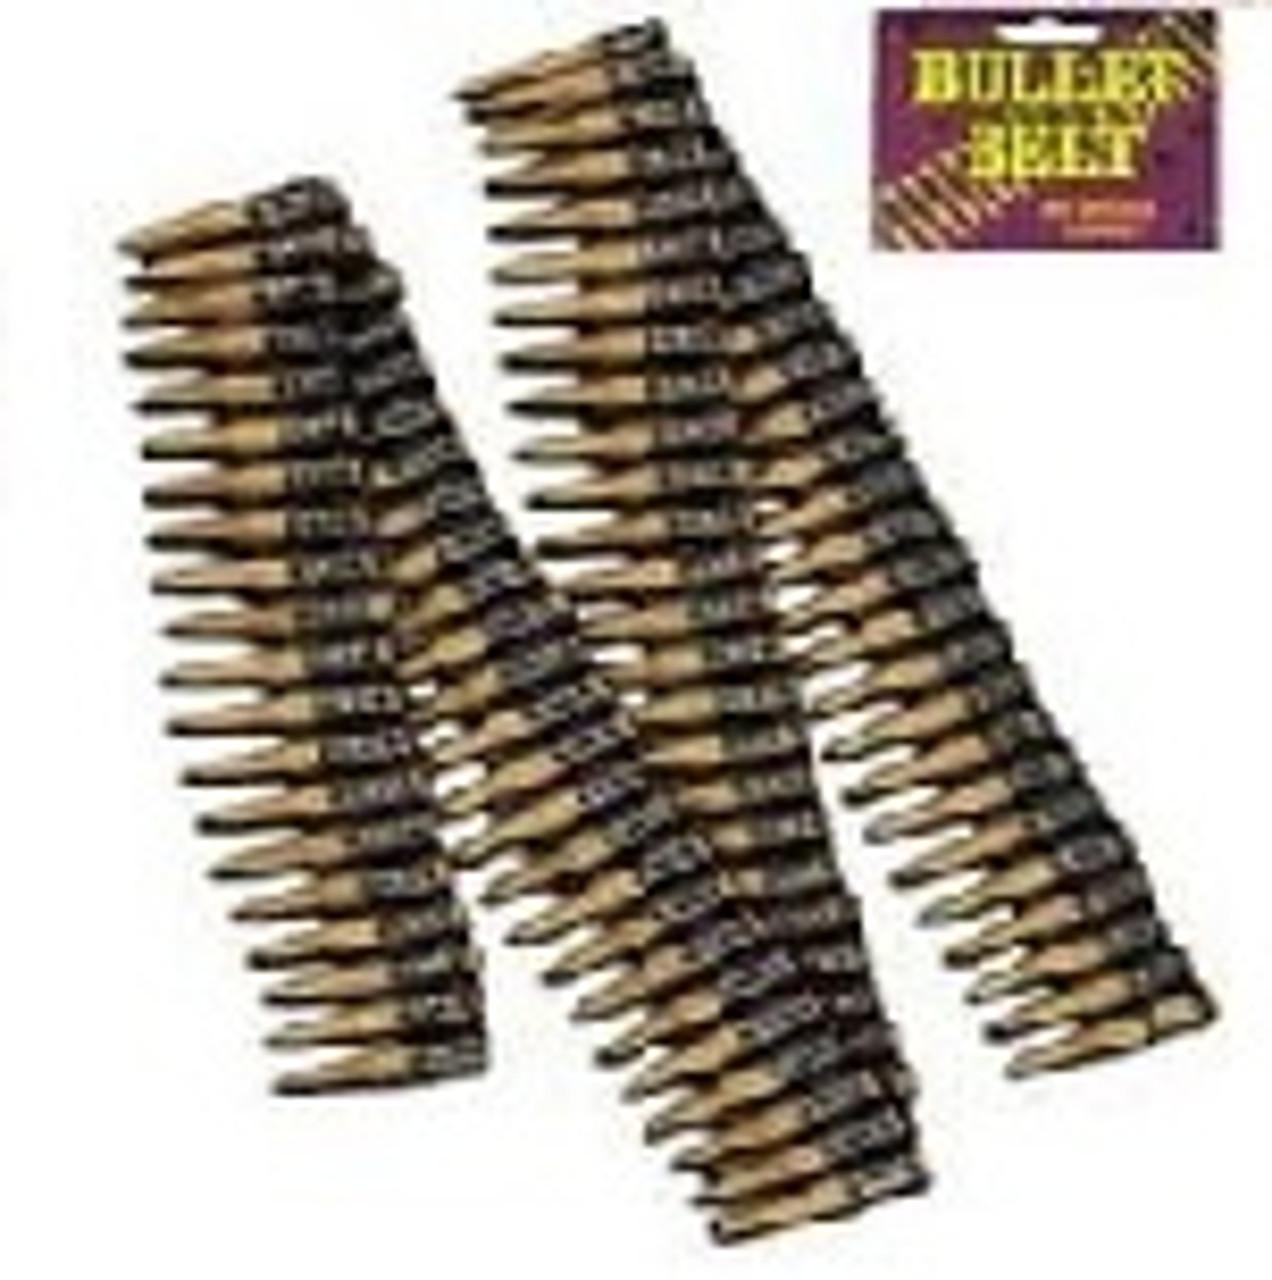 Bullet Belts & Jewelry